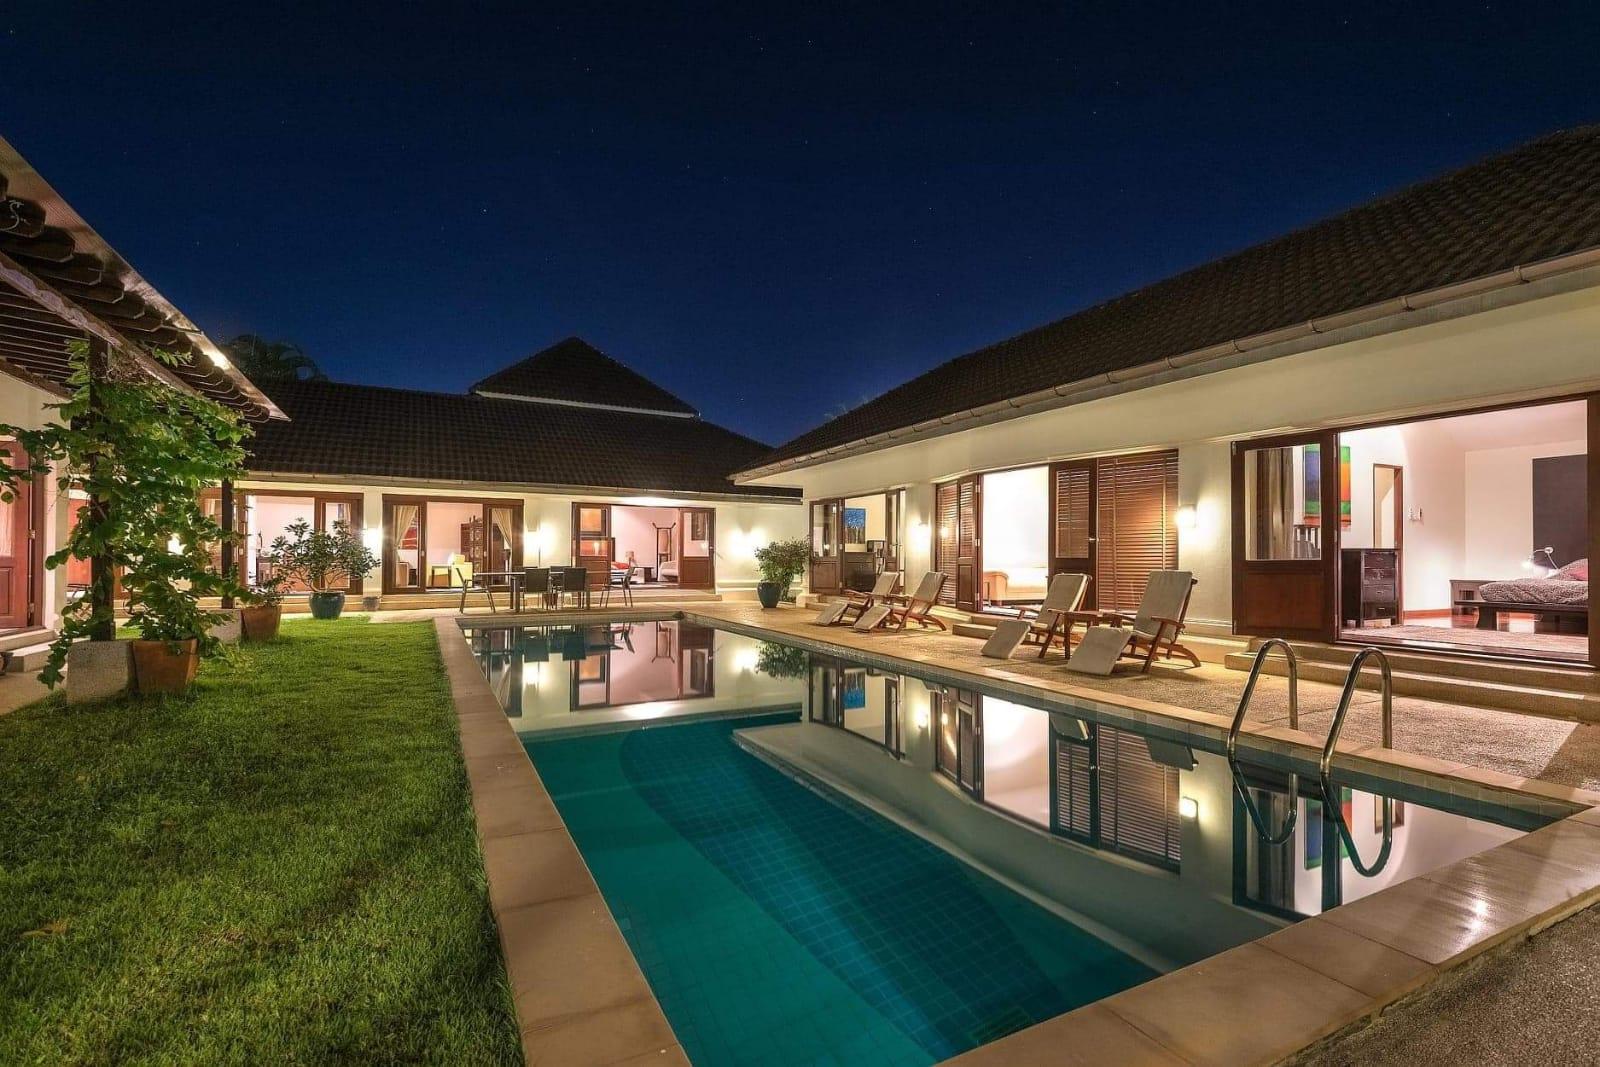 Loch Palm Courtyard 5 Bedrooms-fe09719f-5d38-4dce-88b8-212fa5e20555.jpg